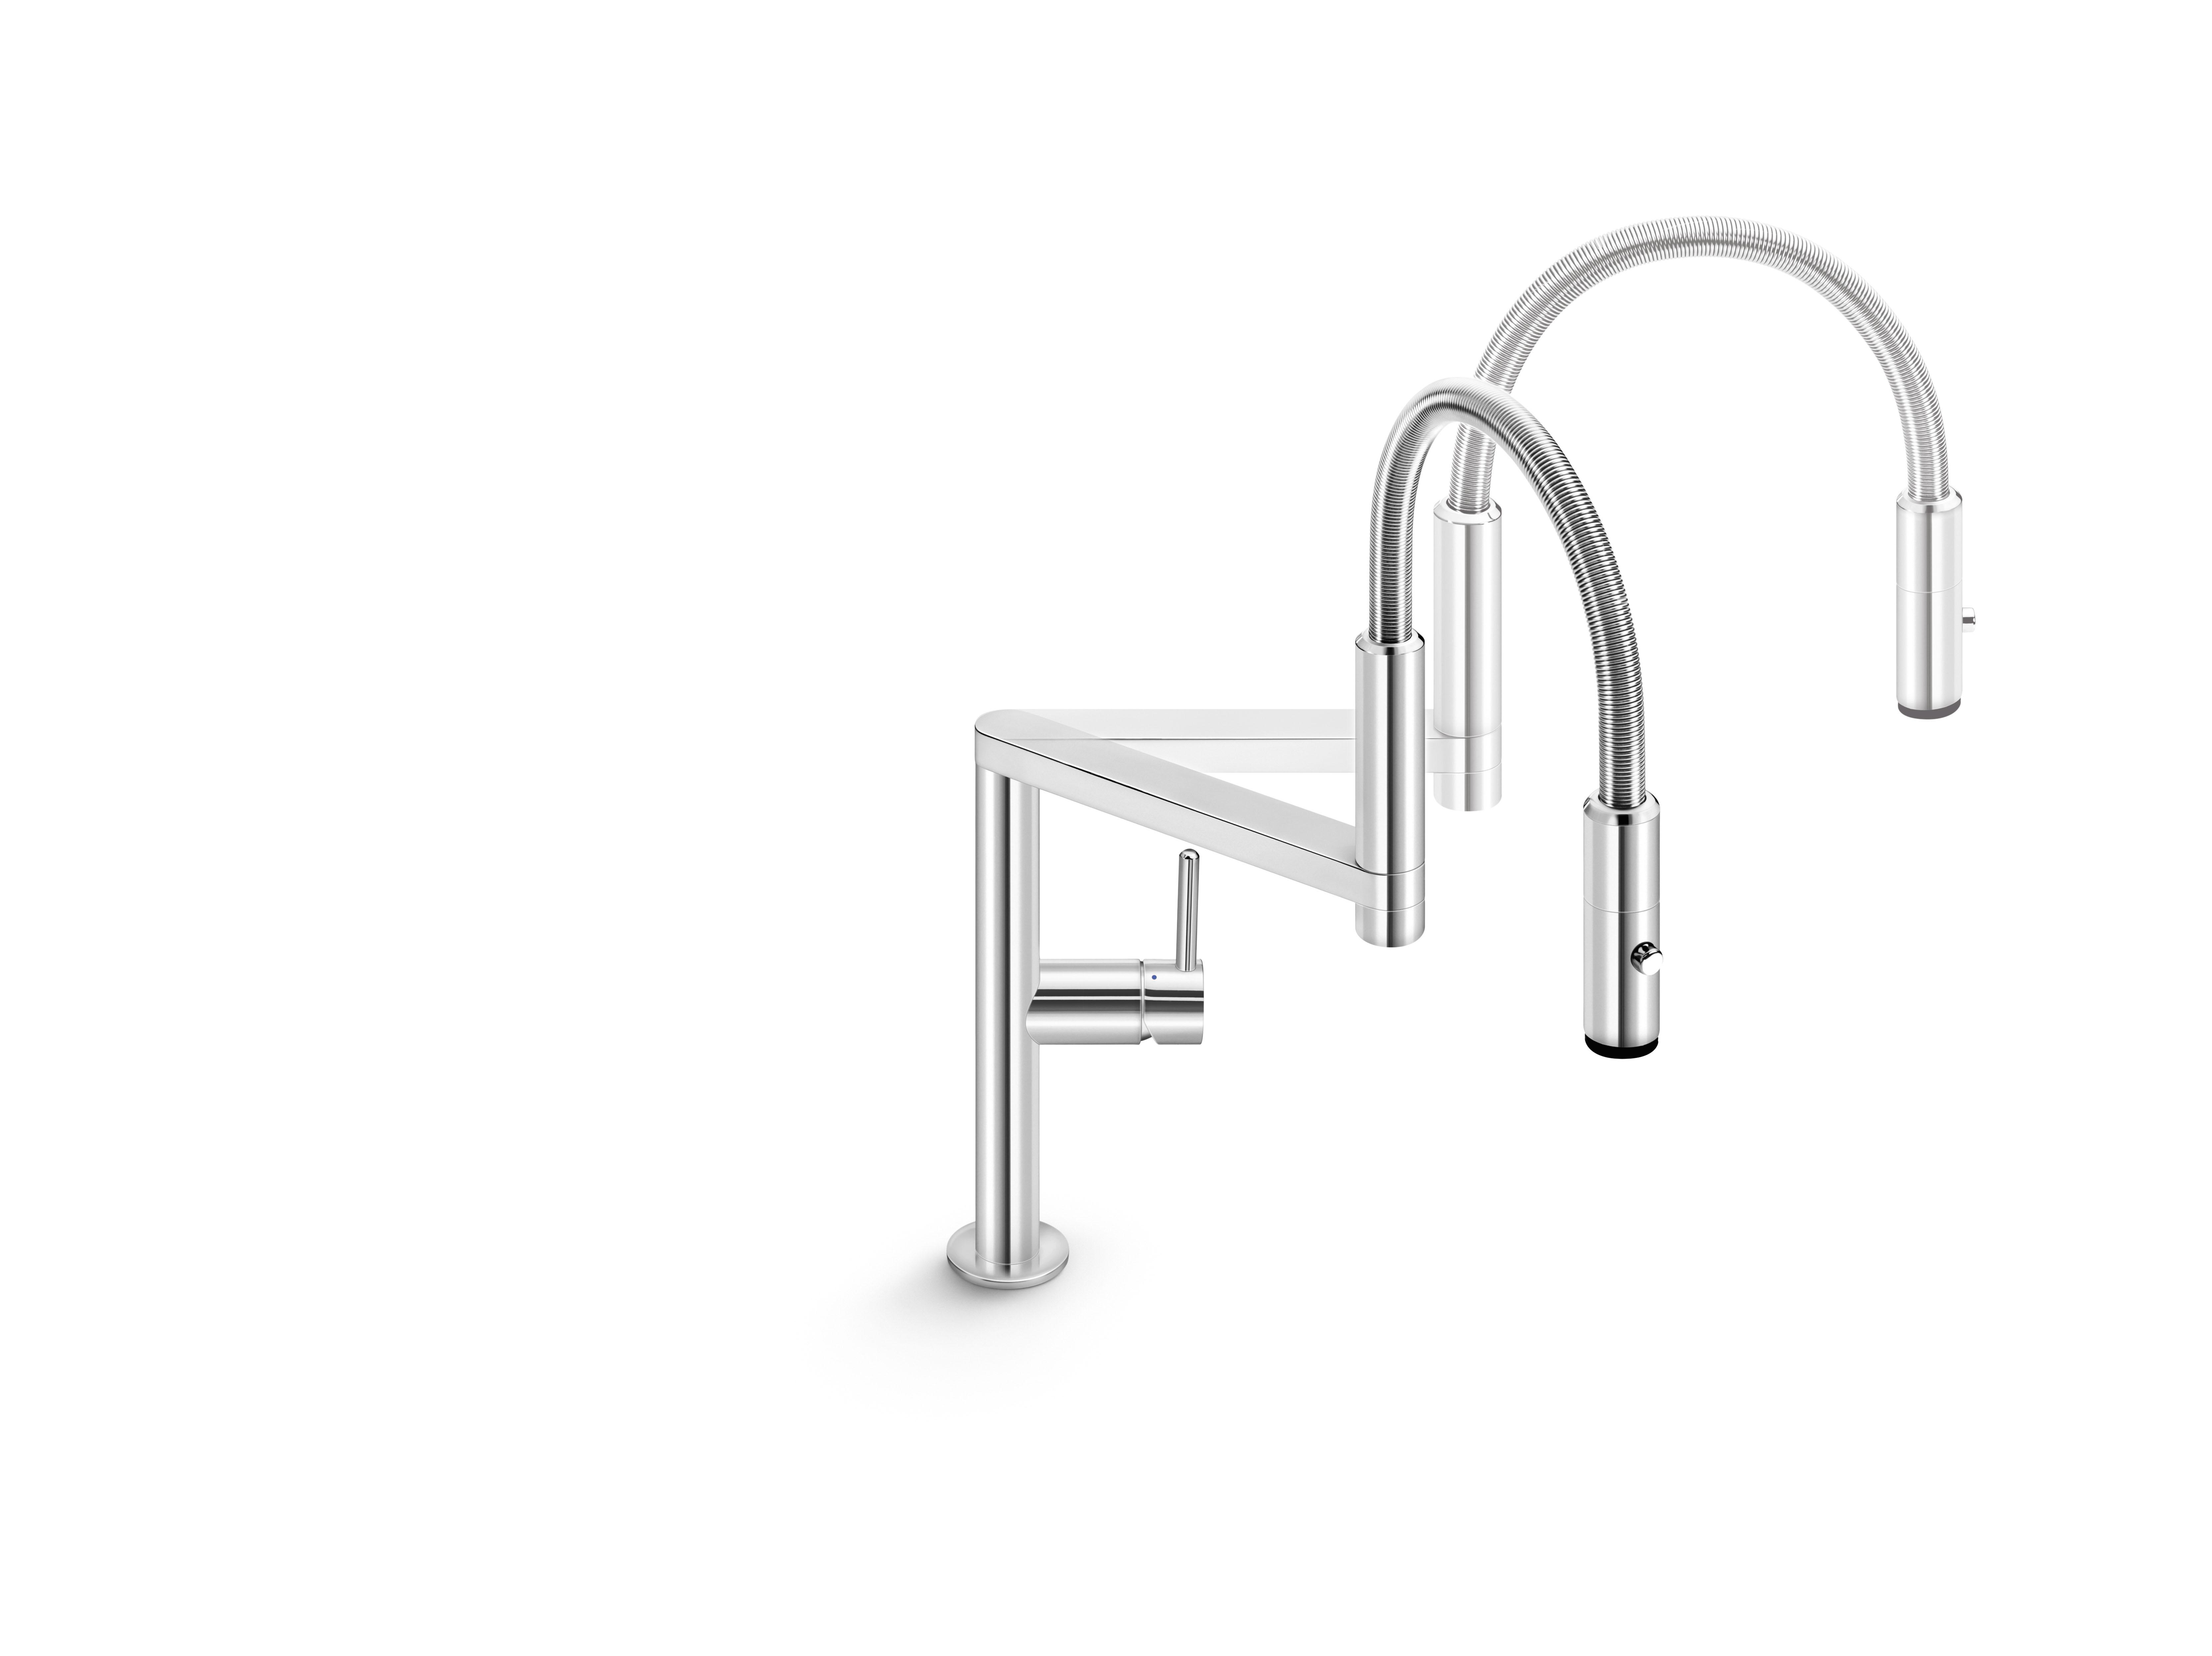 nobili-rubinetterie-miscelatore-cucina-move-design-marco-venzano-7